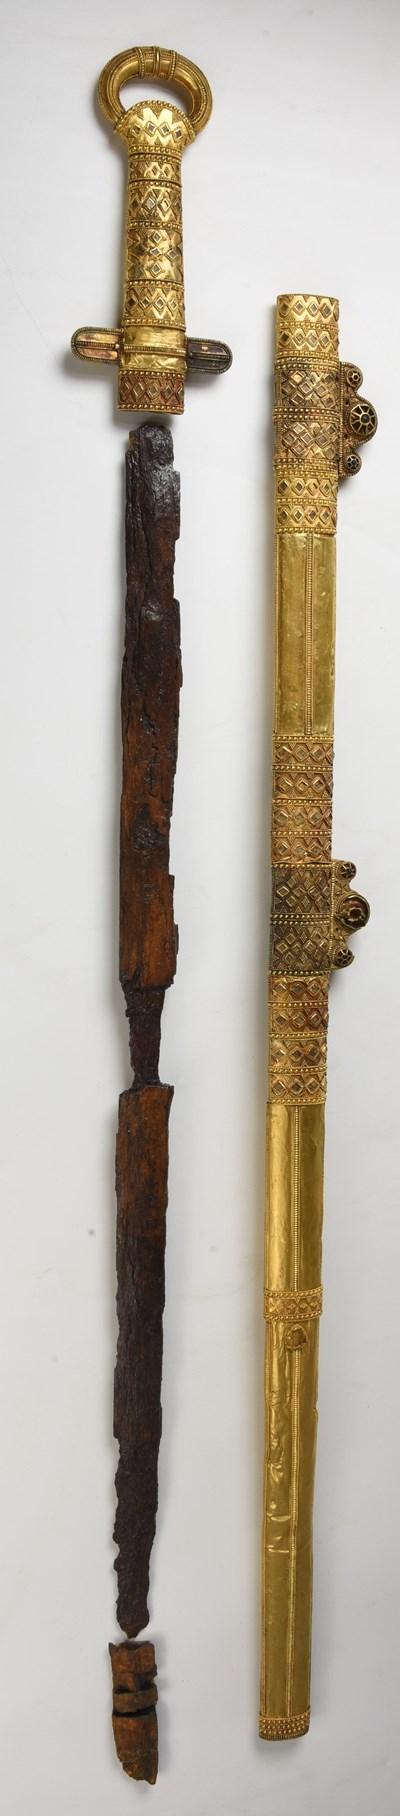 Мечът на хан Кубрат, който много рядко напуска трезора на световния музей Ермитажа.